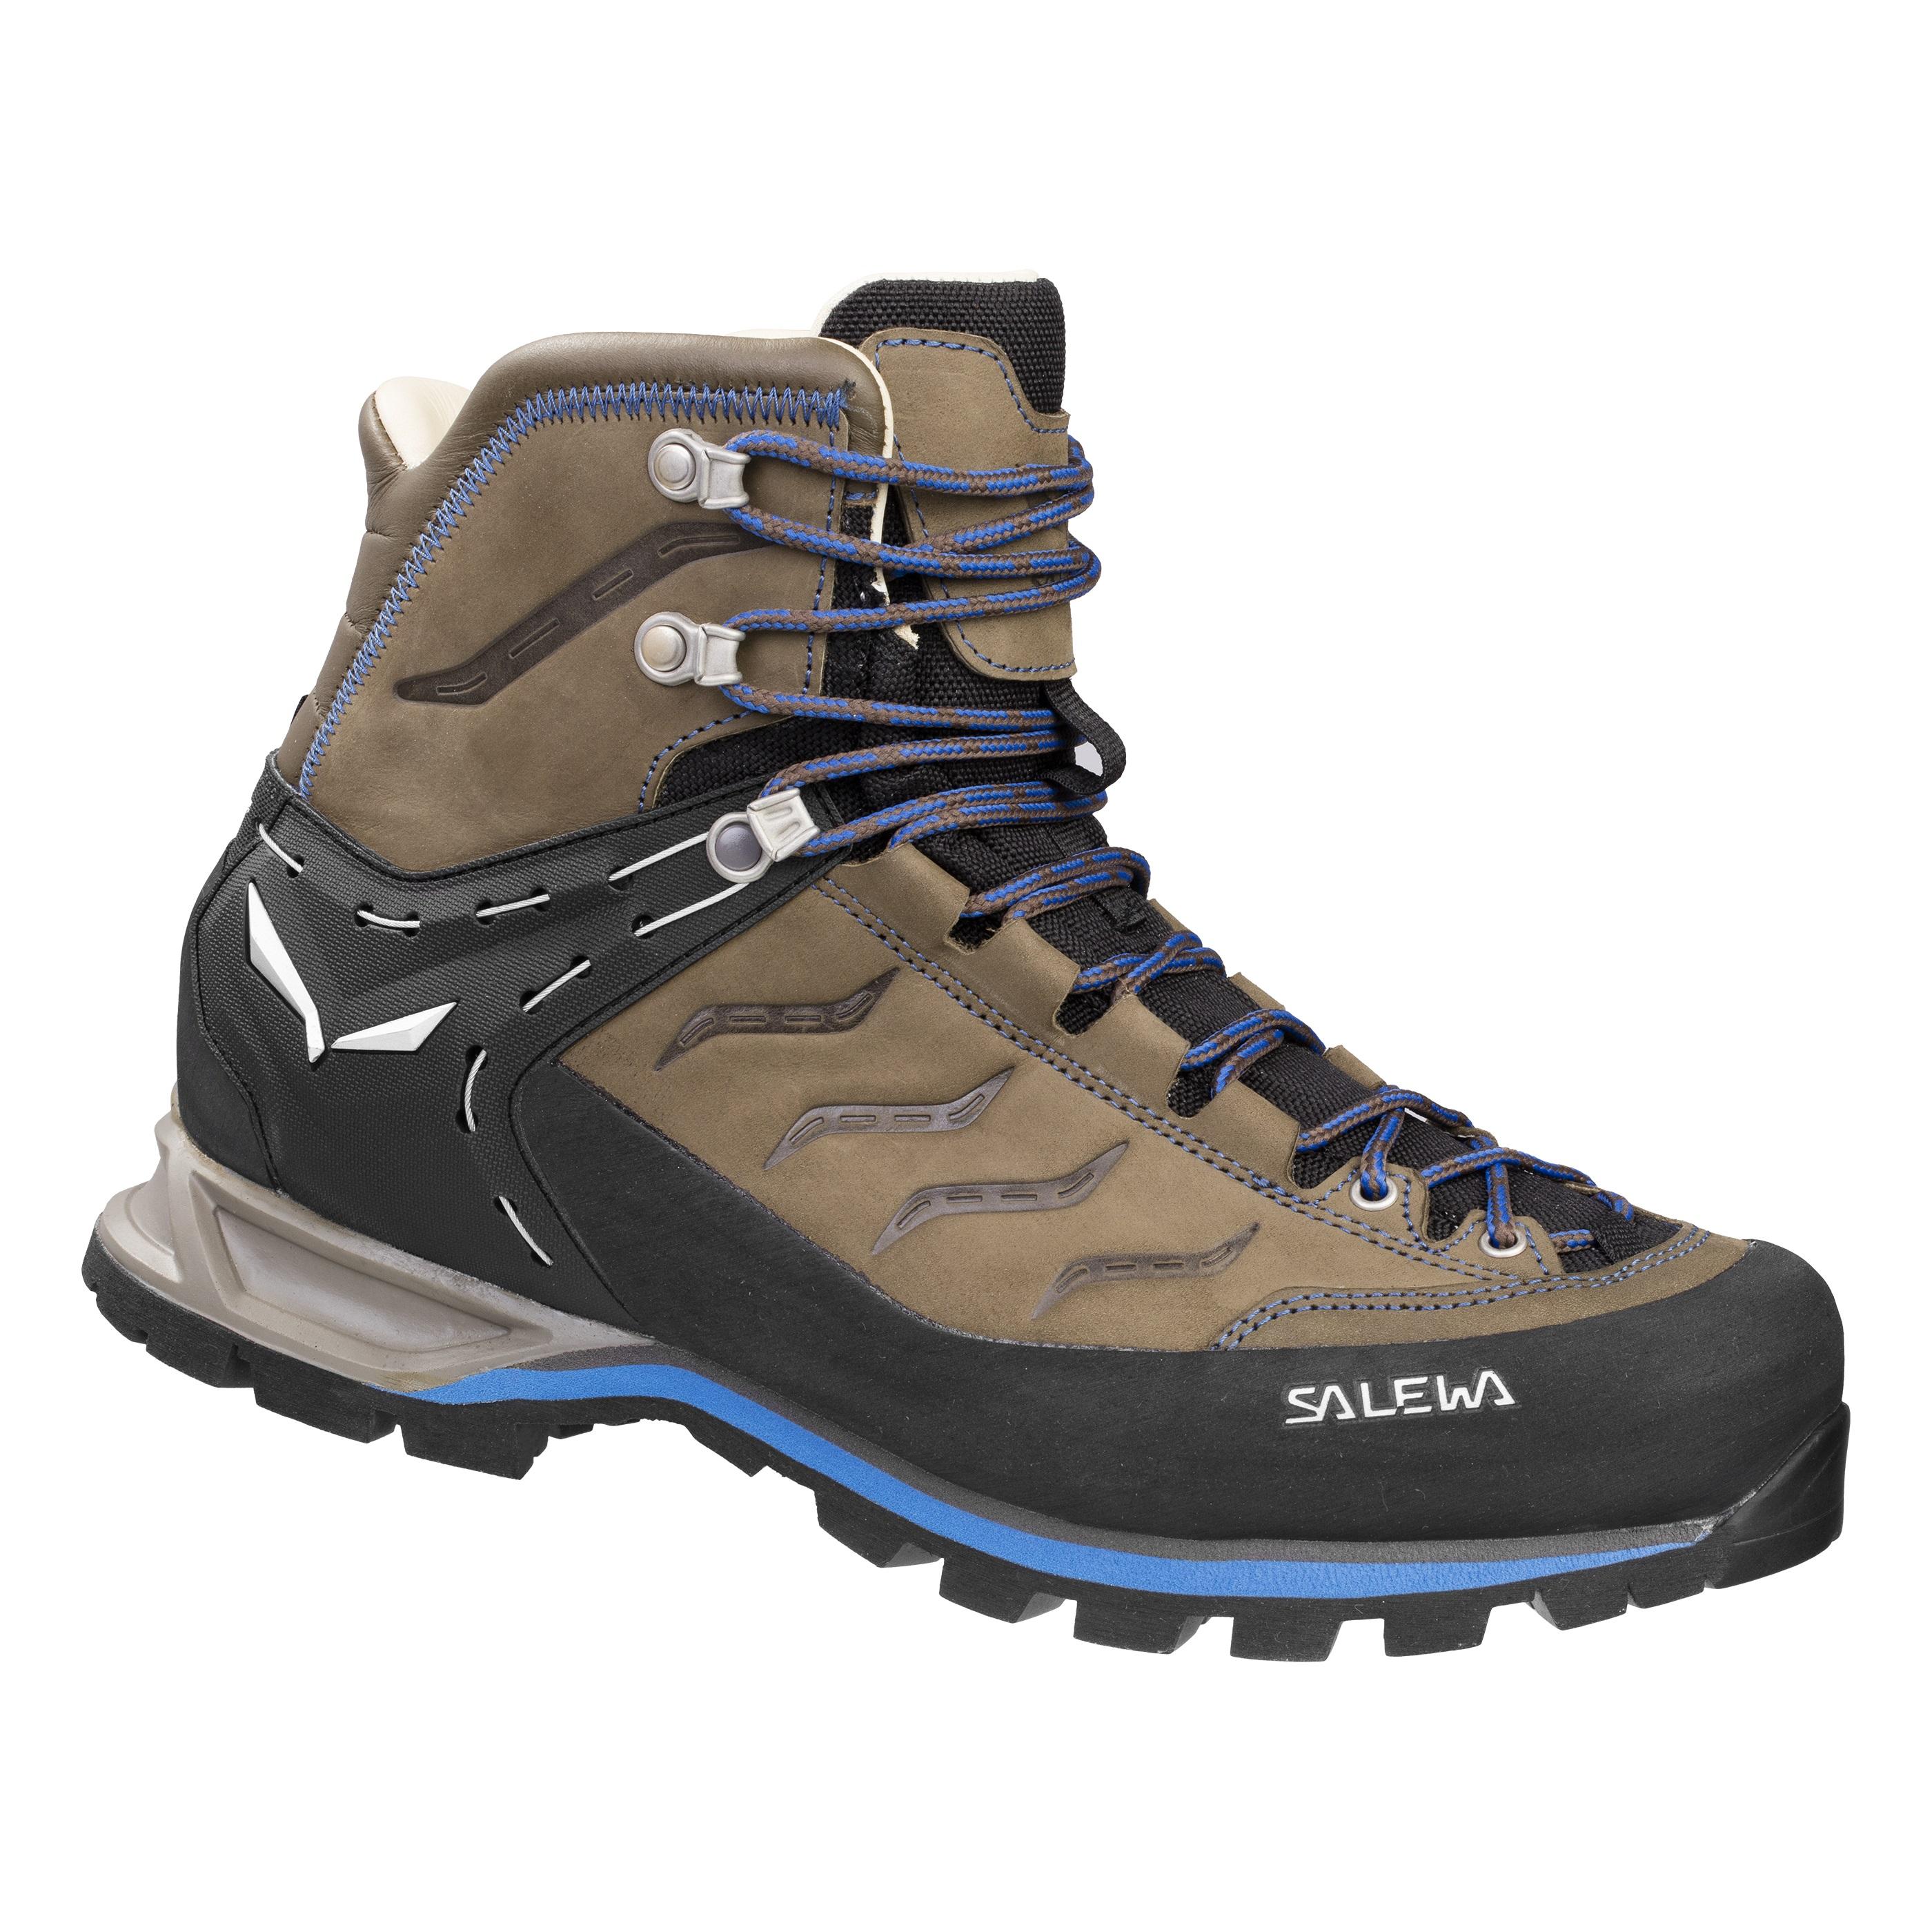 ece084b08a3 Salewa Mountain Trainer Mid L Hiking Boots - Men's